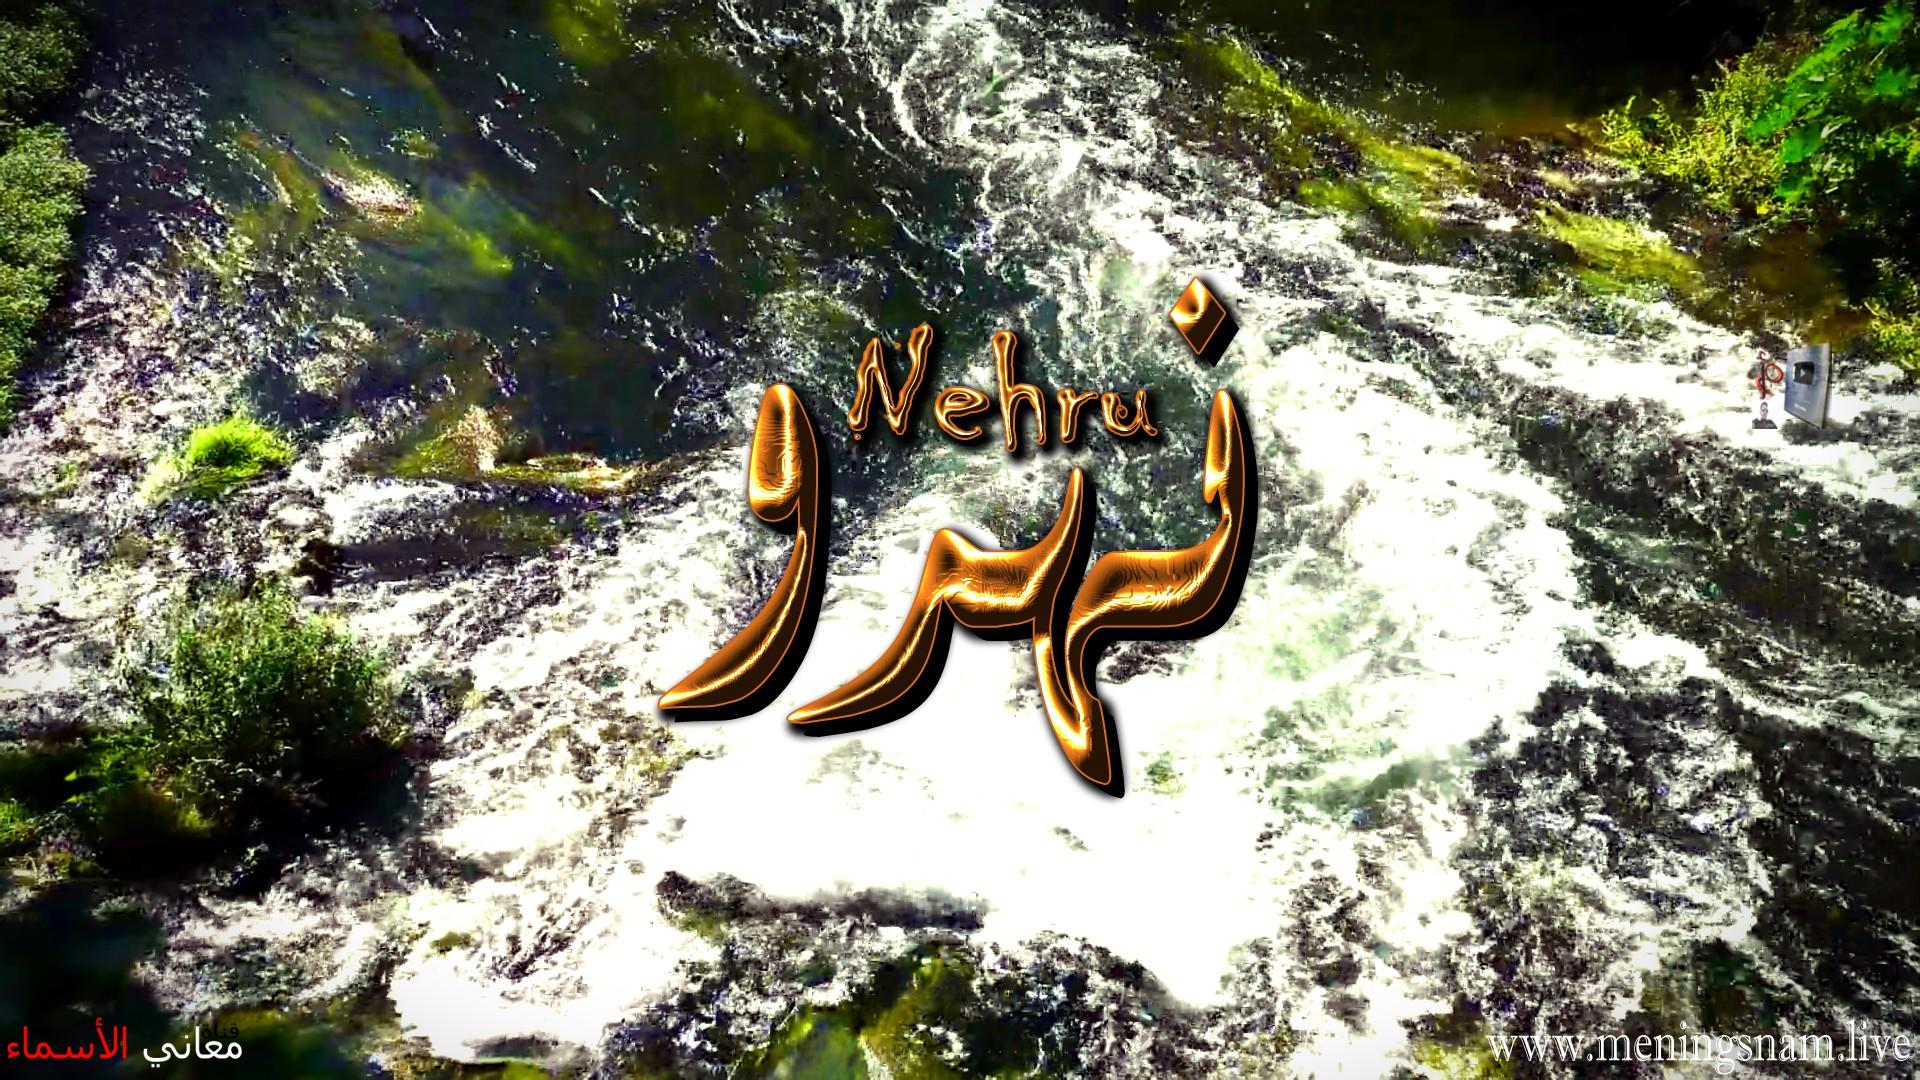 معنى اسم نهرو وصفات حامل هذا الاسم Nehru